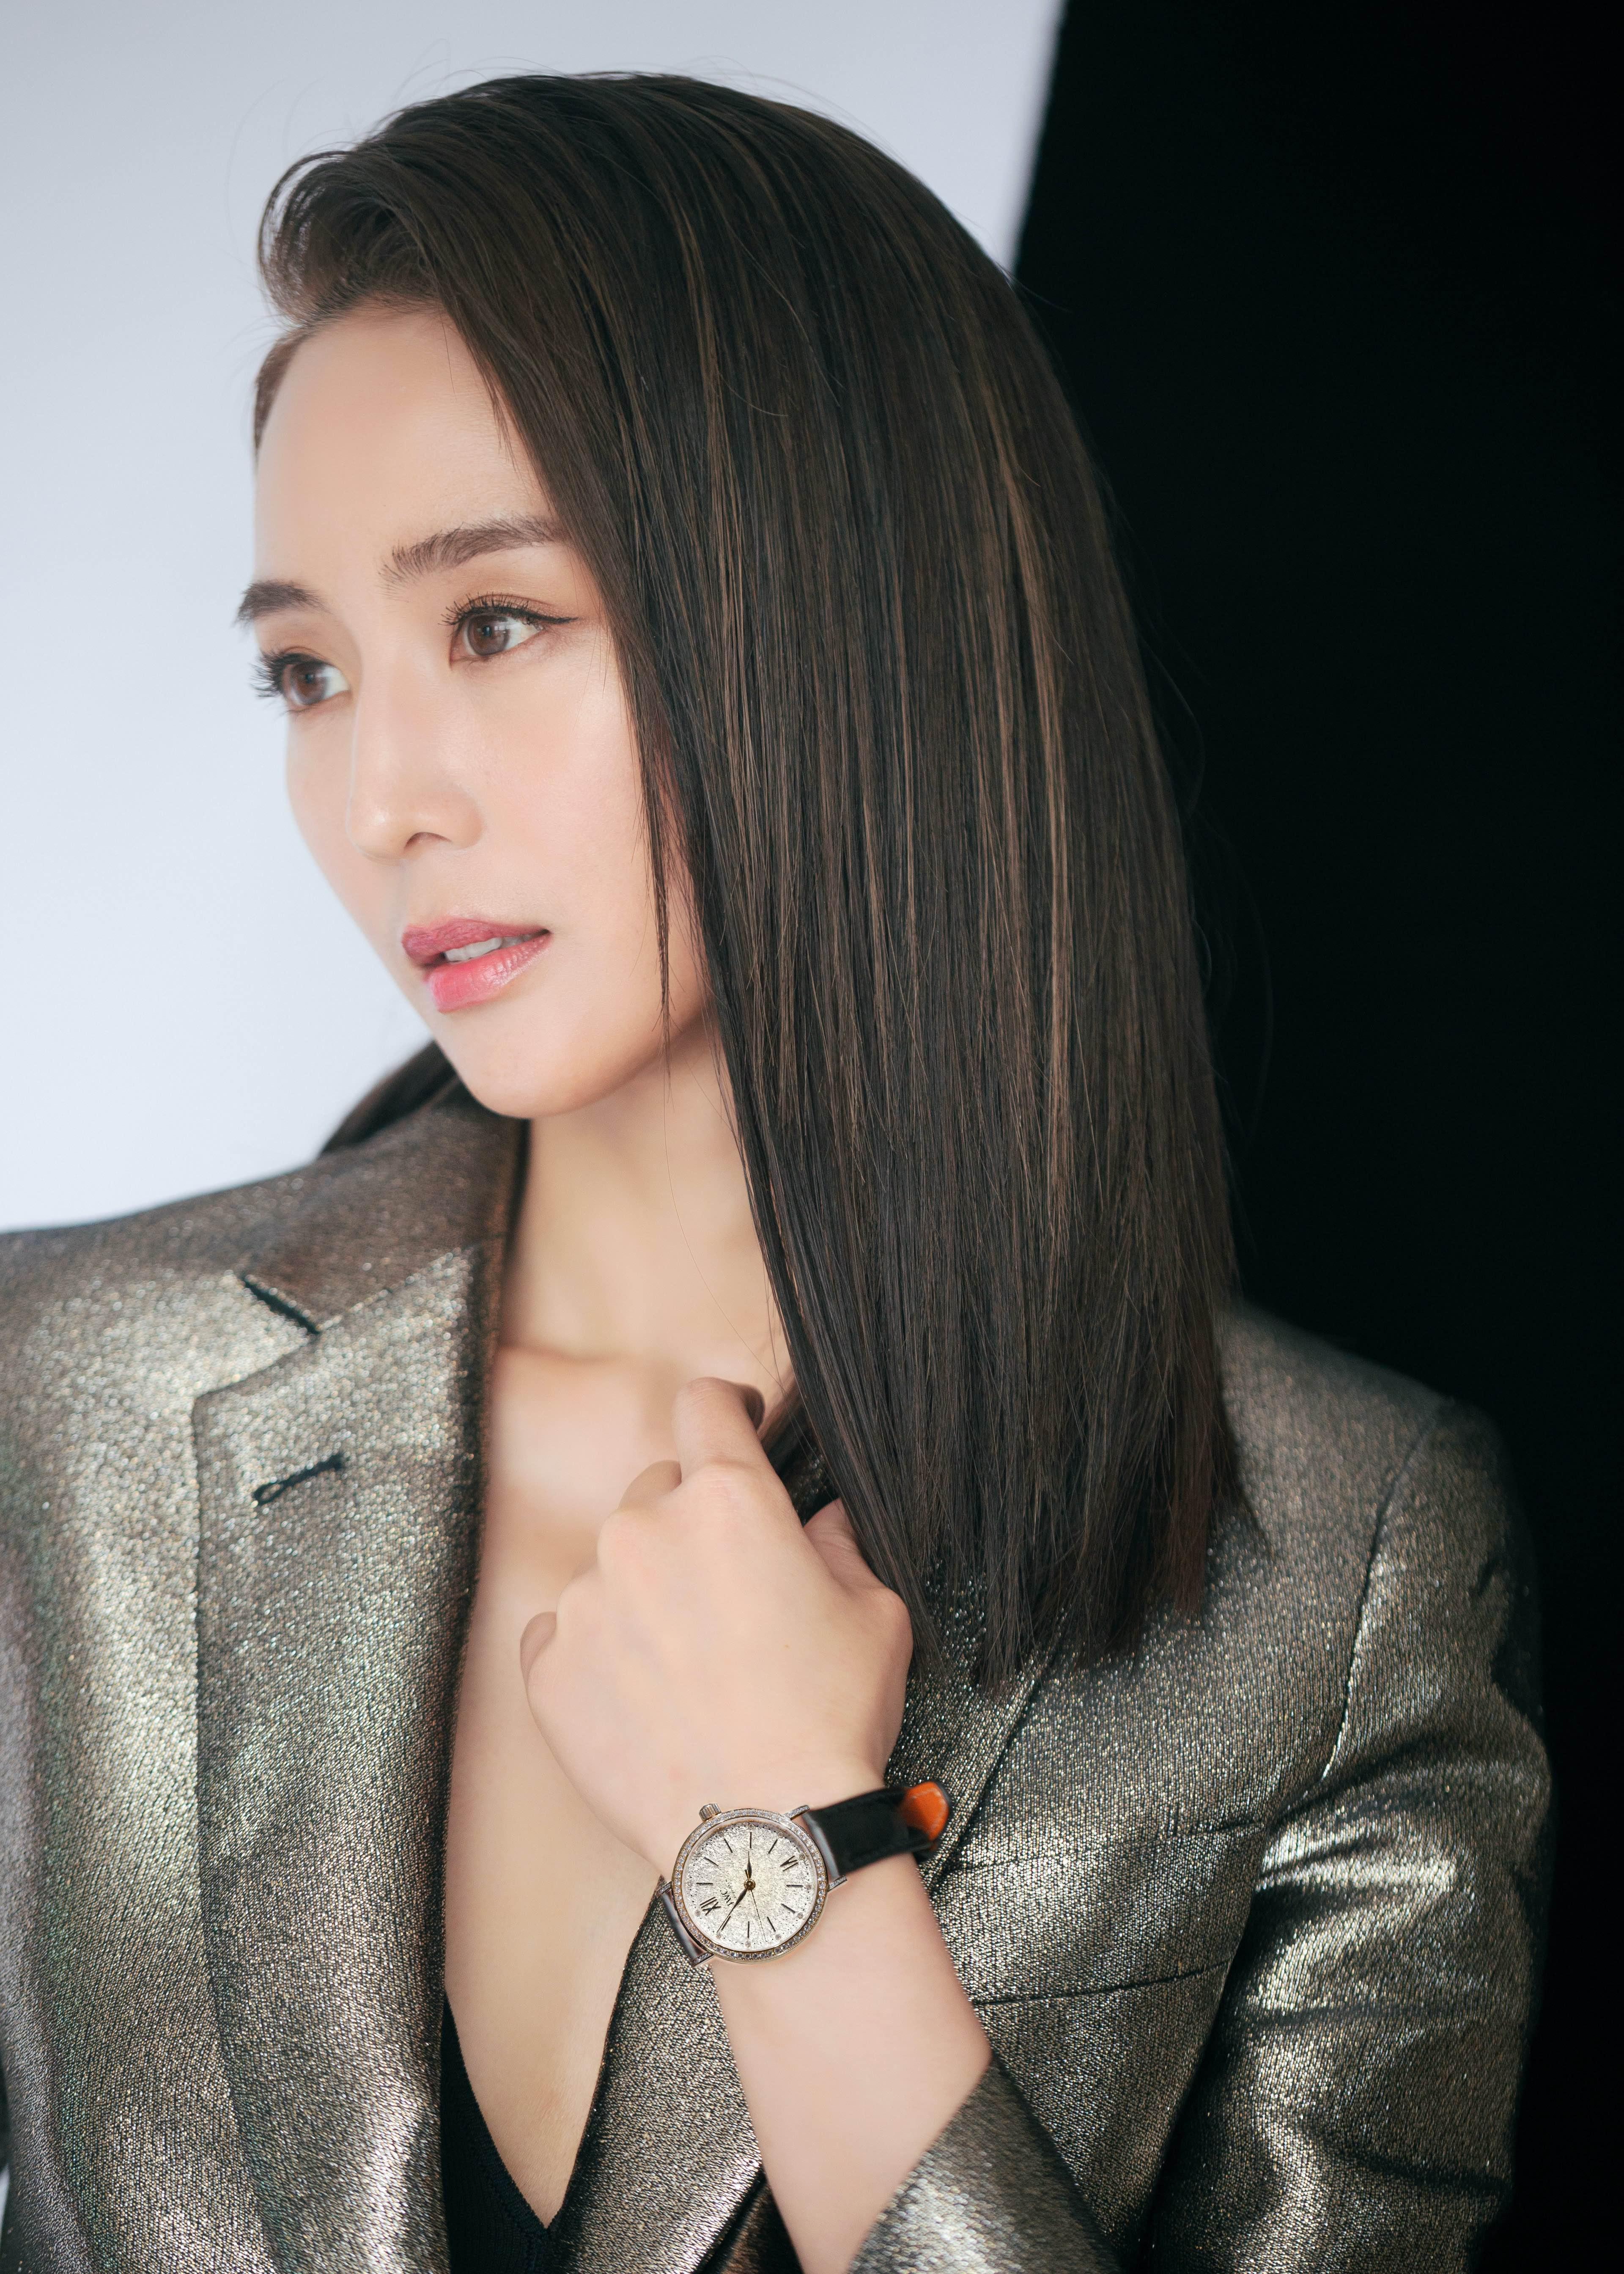 近日,张钧甯作为IWC品牌大使现身活动现场,身穿金属亮色修身西装,亮面材质更添高级质感;